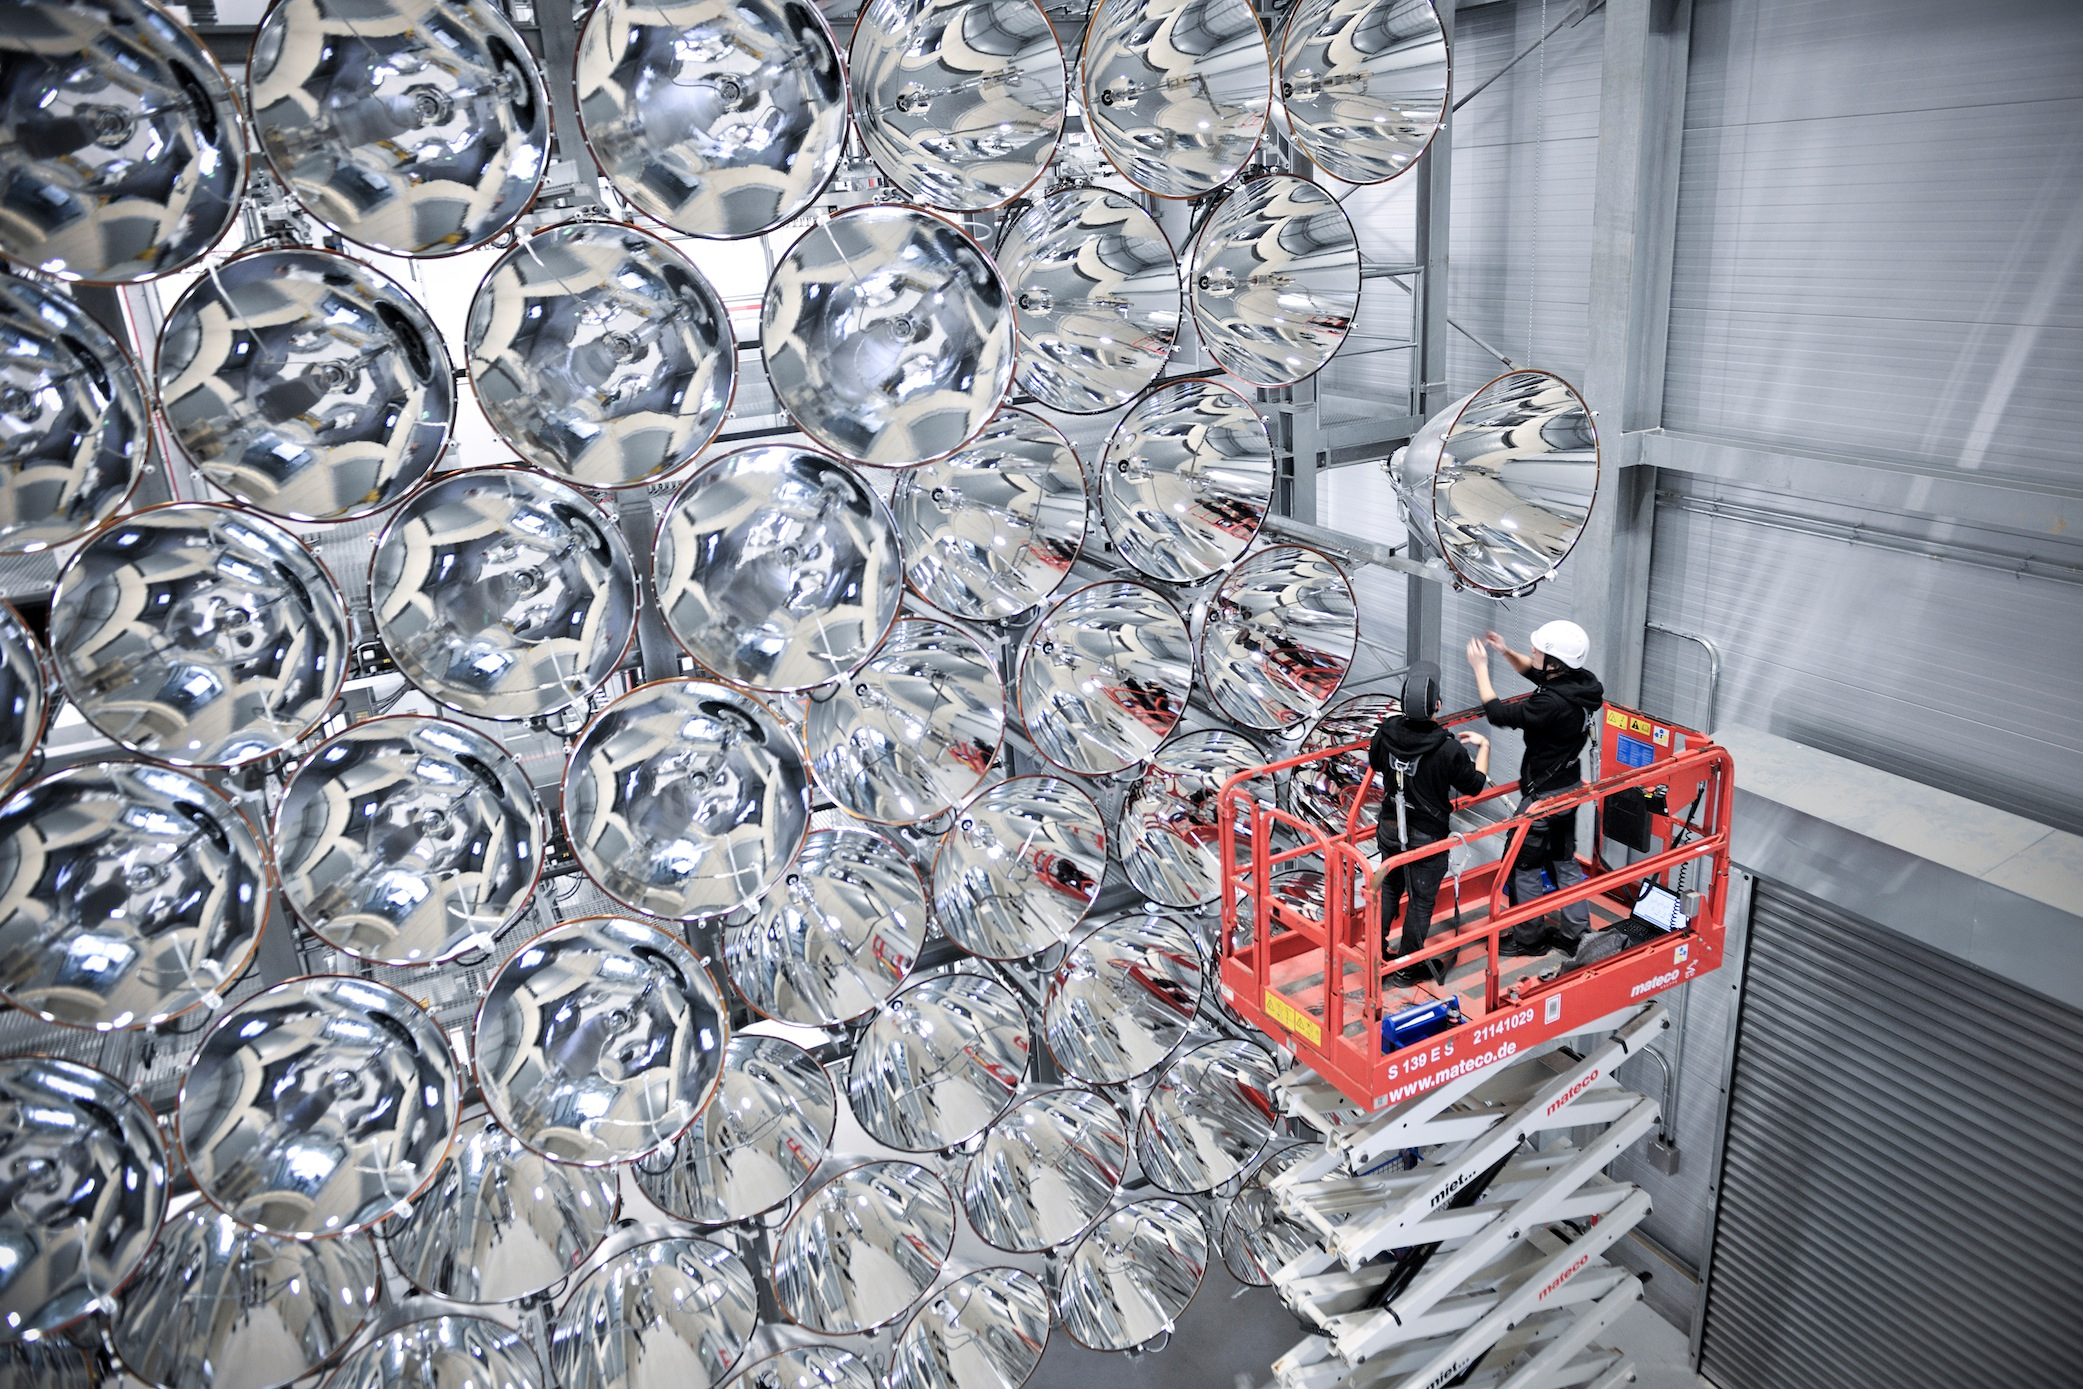 Mitarbeiter des DLR-Instituts für Solarforschung prüfen die 7000 Watt starken Xenon-Kurzbogenlampen in den Hochleistungsstrahlern.